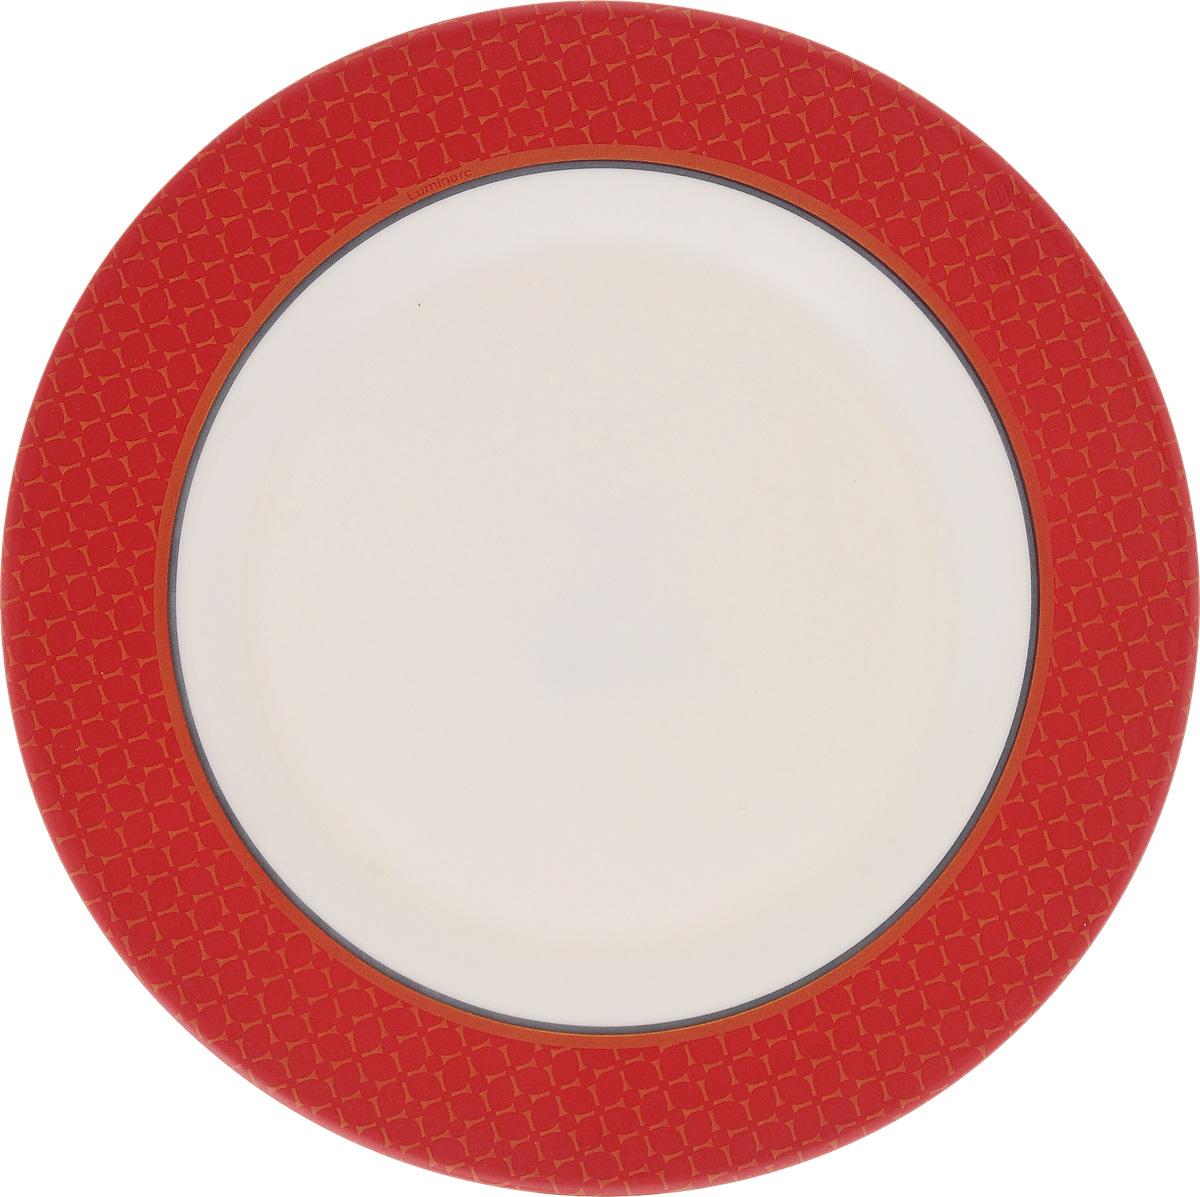 Тарелка десертная Luminarc Alto Rubis, 20,5 смVT-1520(SR)Десертная тарелка Luminarc Alto Rubis, изготовленная из ударопрочного стекла, имеет изысканный внешний вид. Такая тарелка прекрасно подходит как для торжественных случаев, так и для повседневного использования. Идеальна для подачи десертов, пирожных, тортов и многого другого. Она прекрасно оформит стол и станет отличным дополнением к вашей коллекции кухонной посуды. Диаметр тарелки (по верхнему краю): 20,5 см.